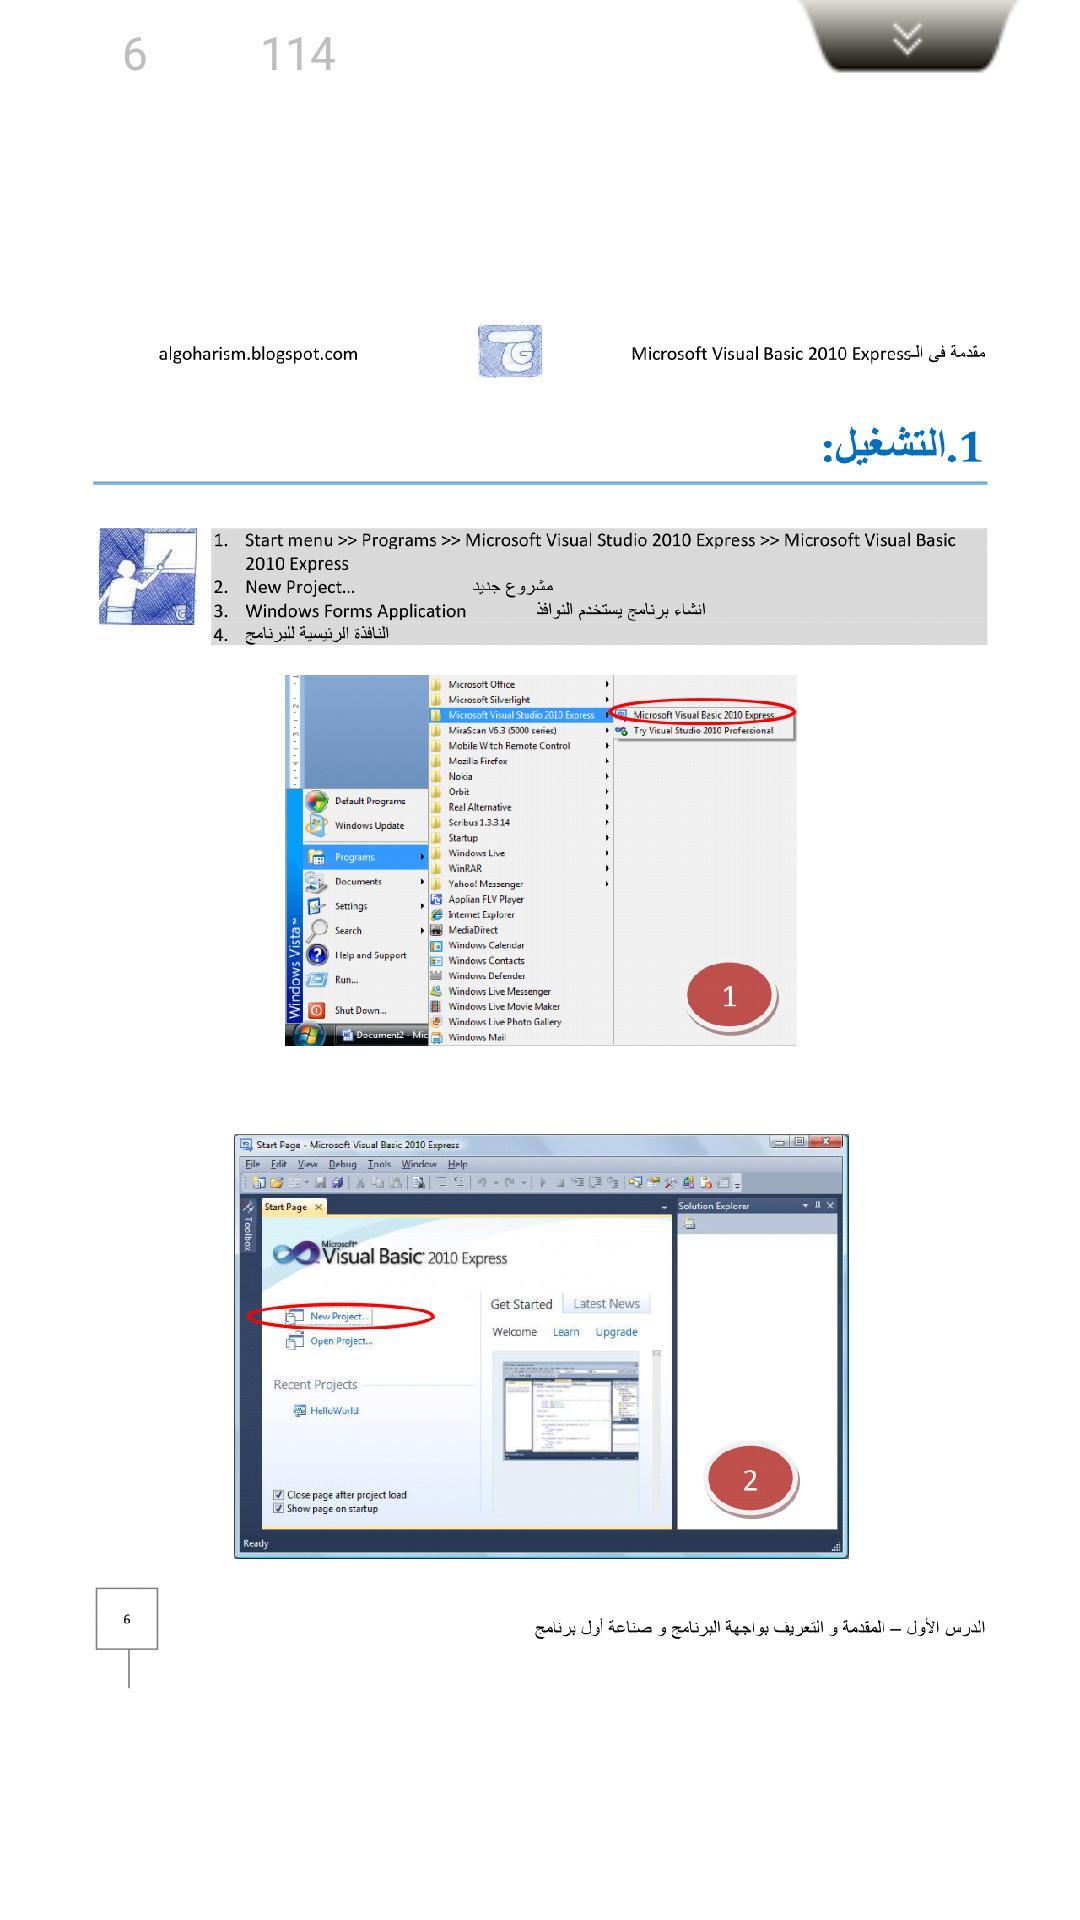 تعلم Visual Basic 2010 Express for Android - APK Download